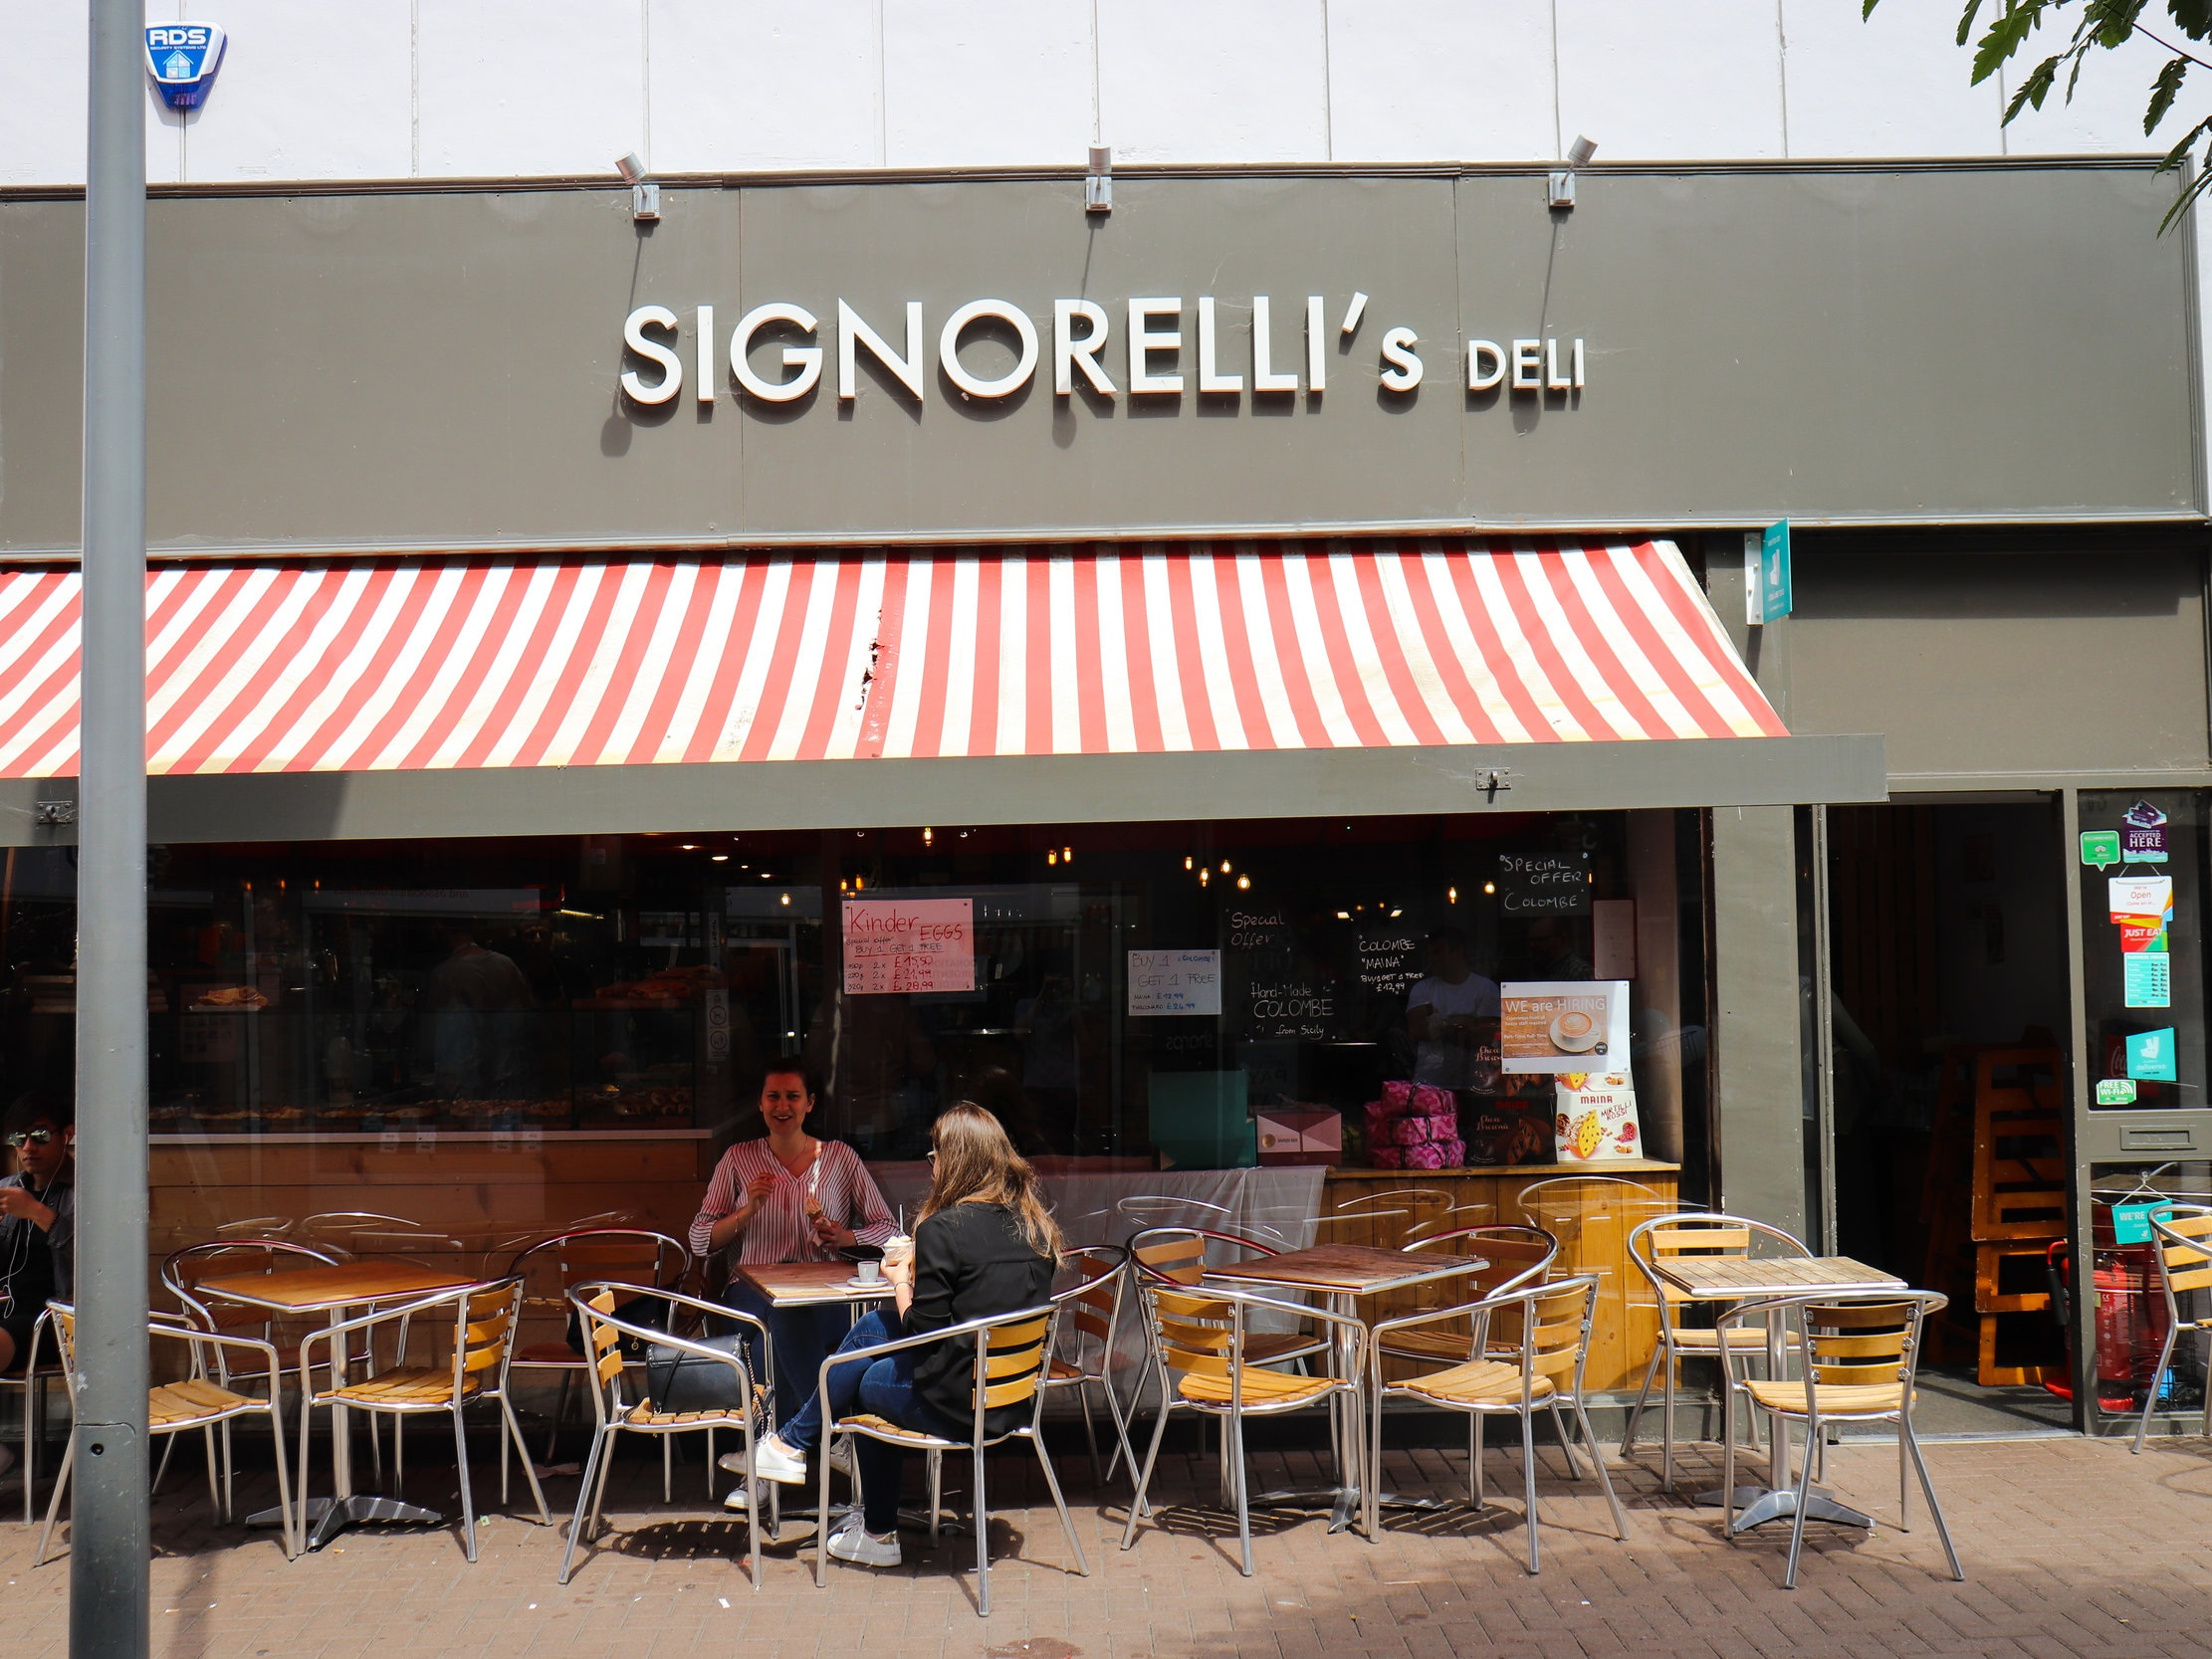 Signorelli's Deli - 10% of all food bills, Italian wines, spirits and dry deli